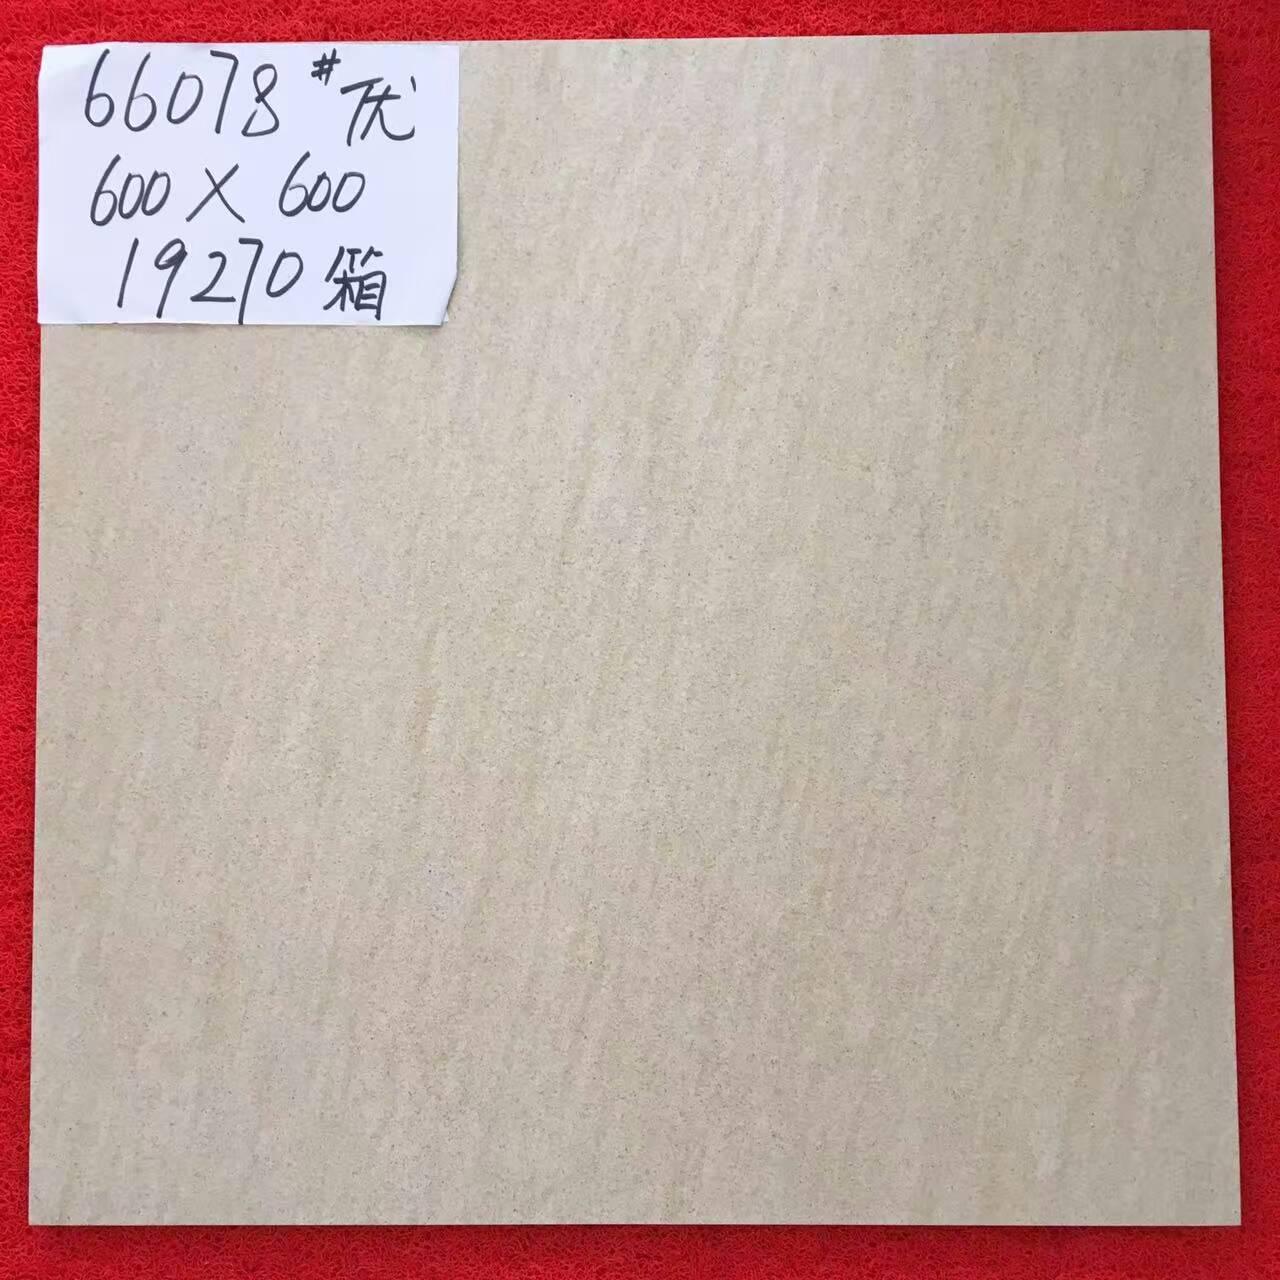 600*600瓷质仿古砖特价清货